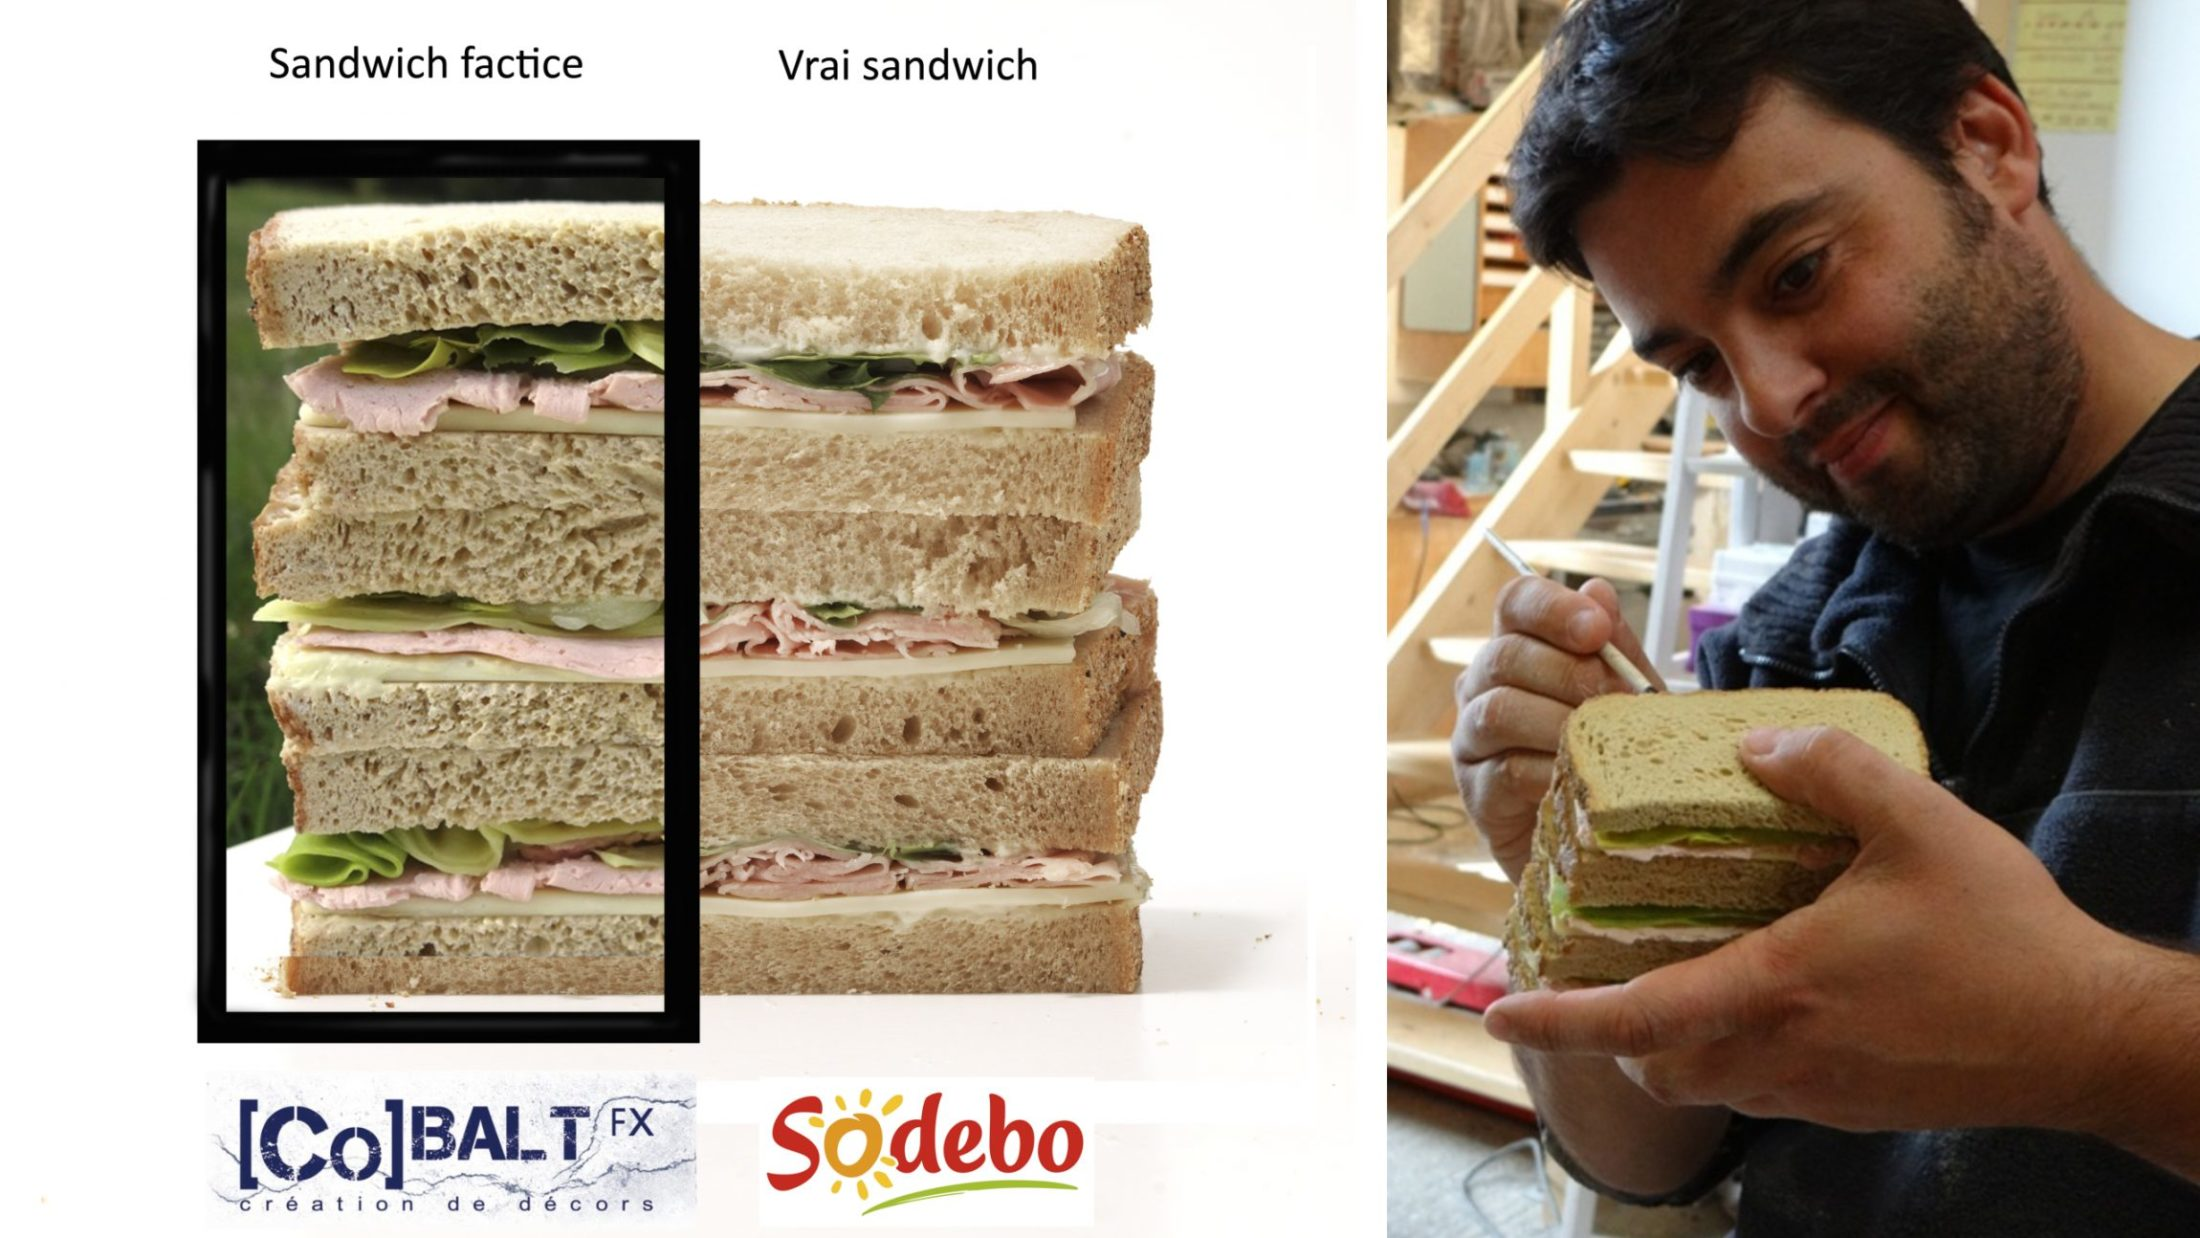 travail de réalisation de sandwich factice avec comparaison vrai et faux